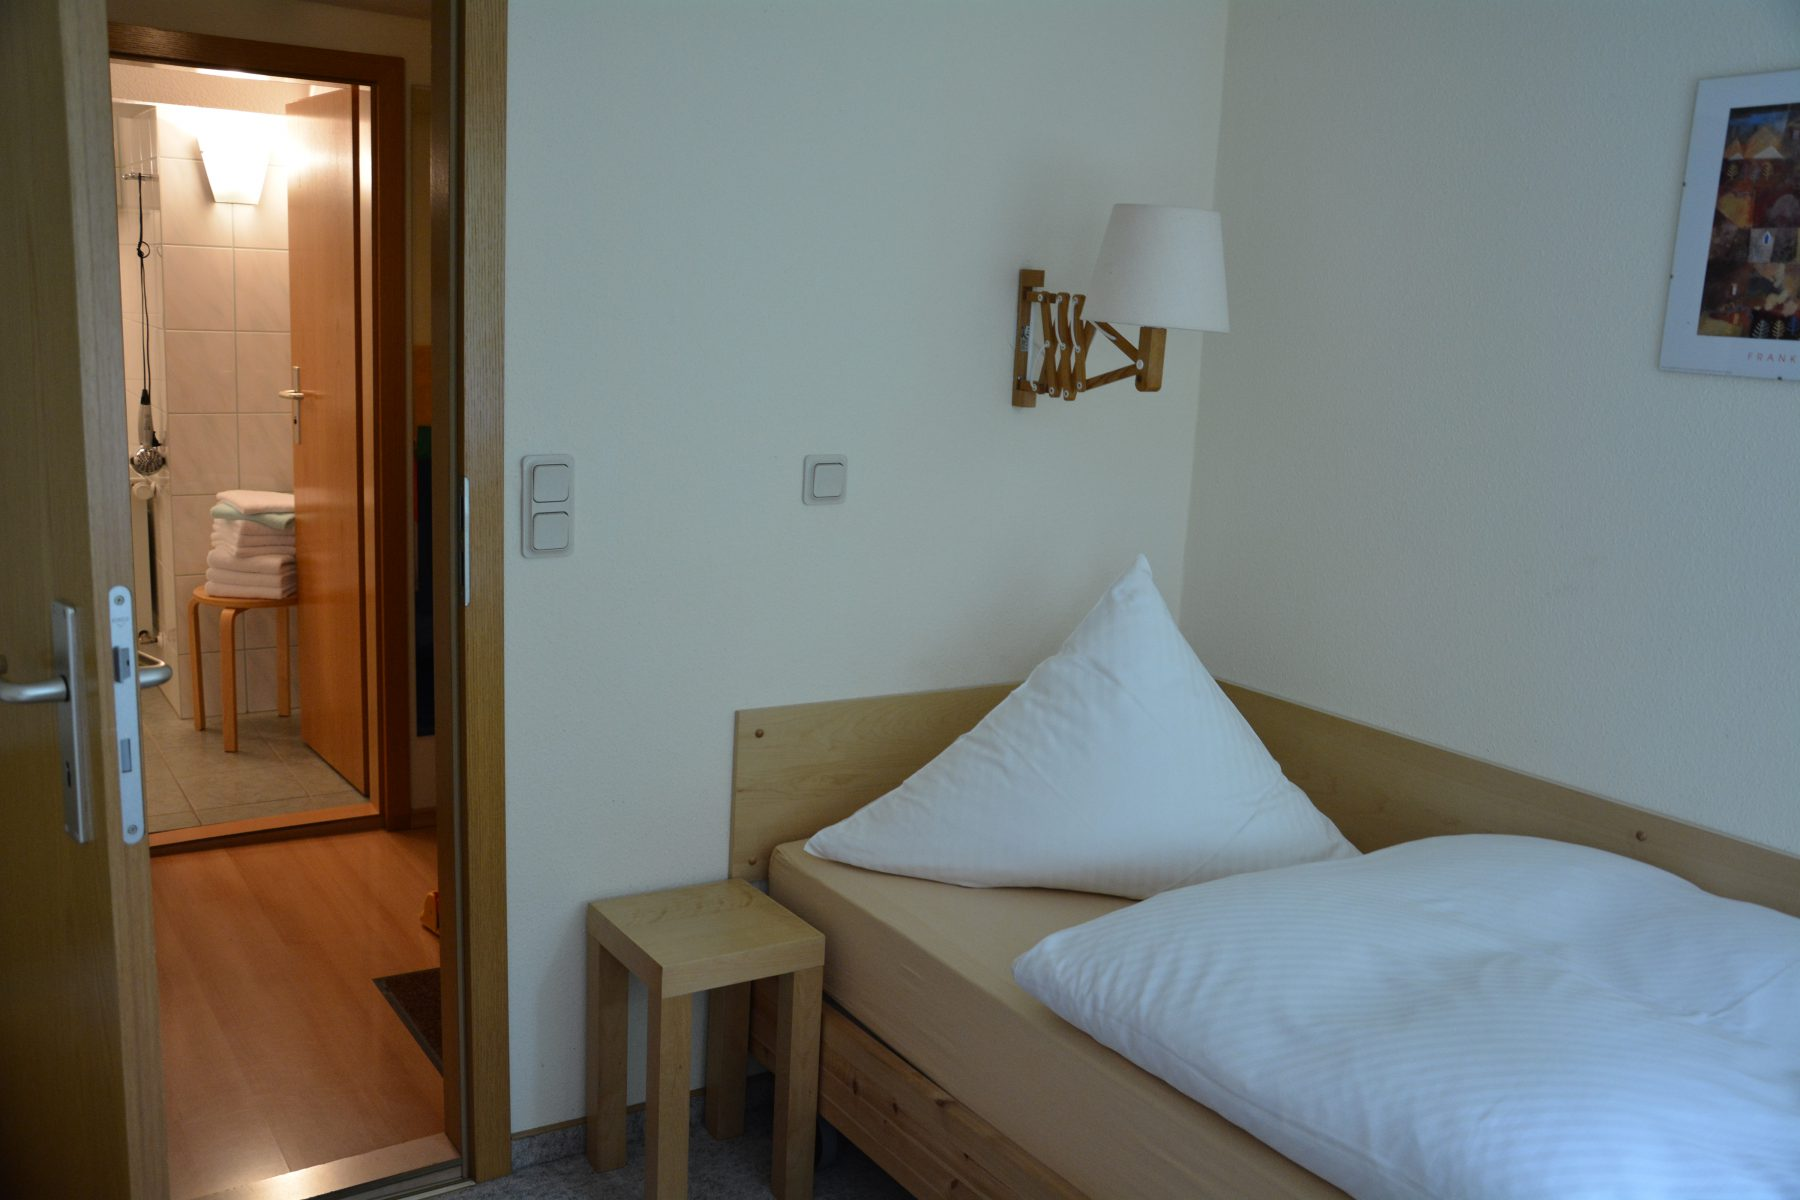 Ferienwohnung im Verlegerhaus Seiffen Kategorie N1a Detail Schlafzimmer DU/WC